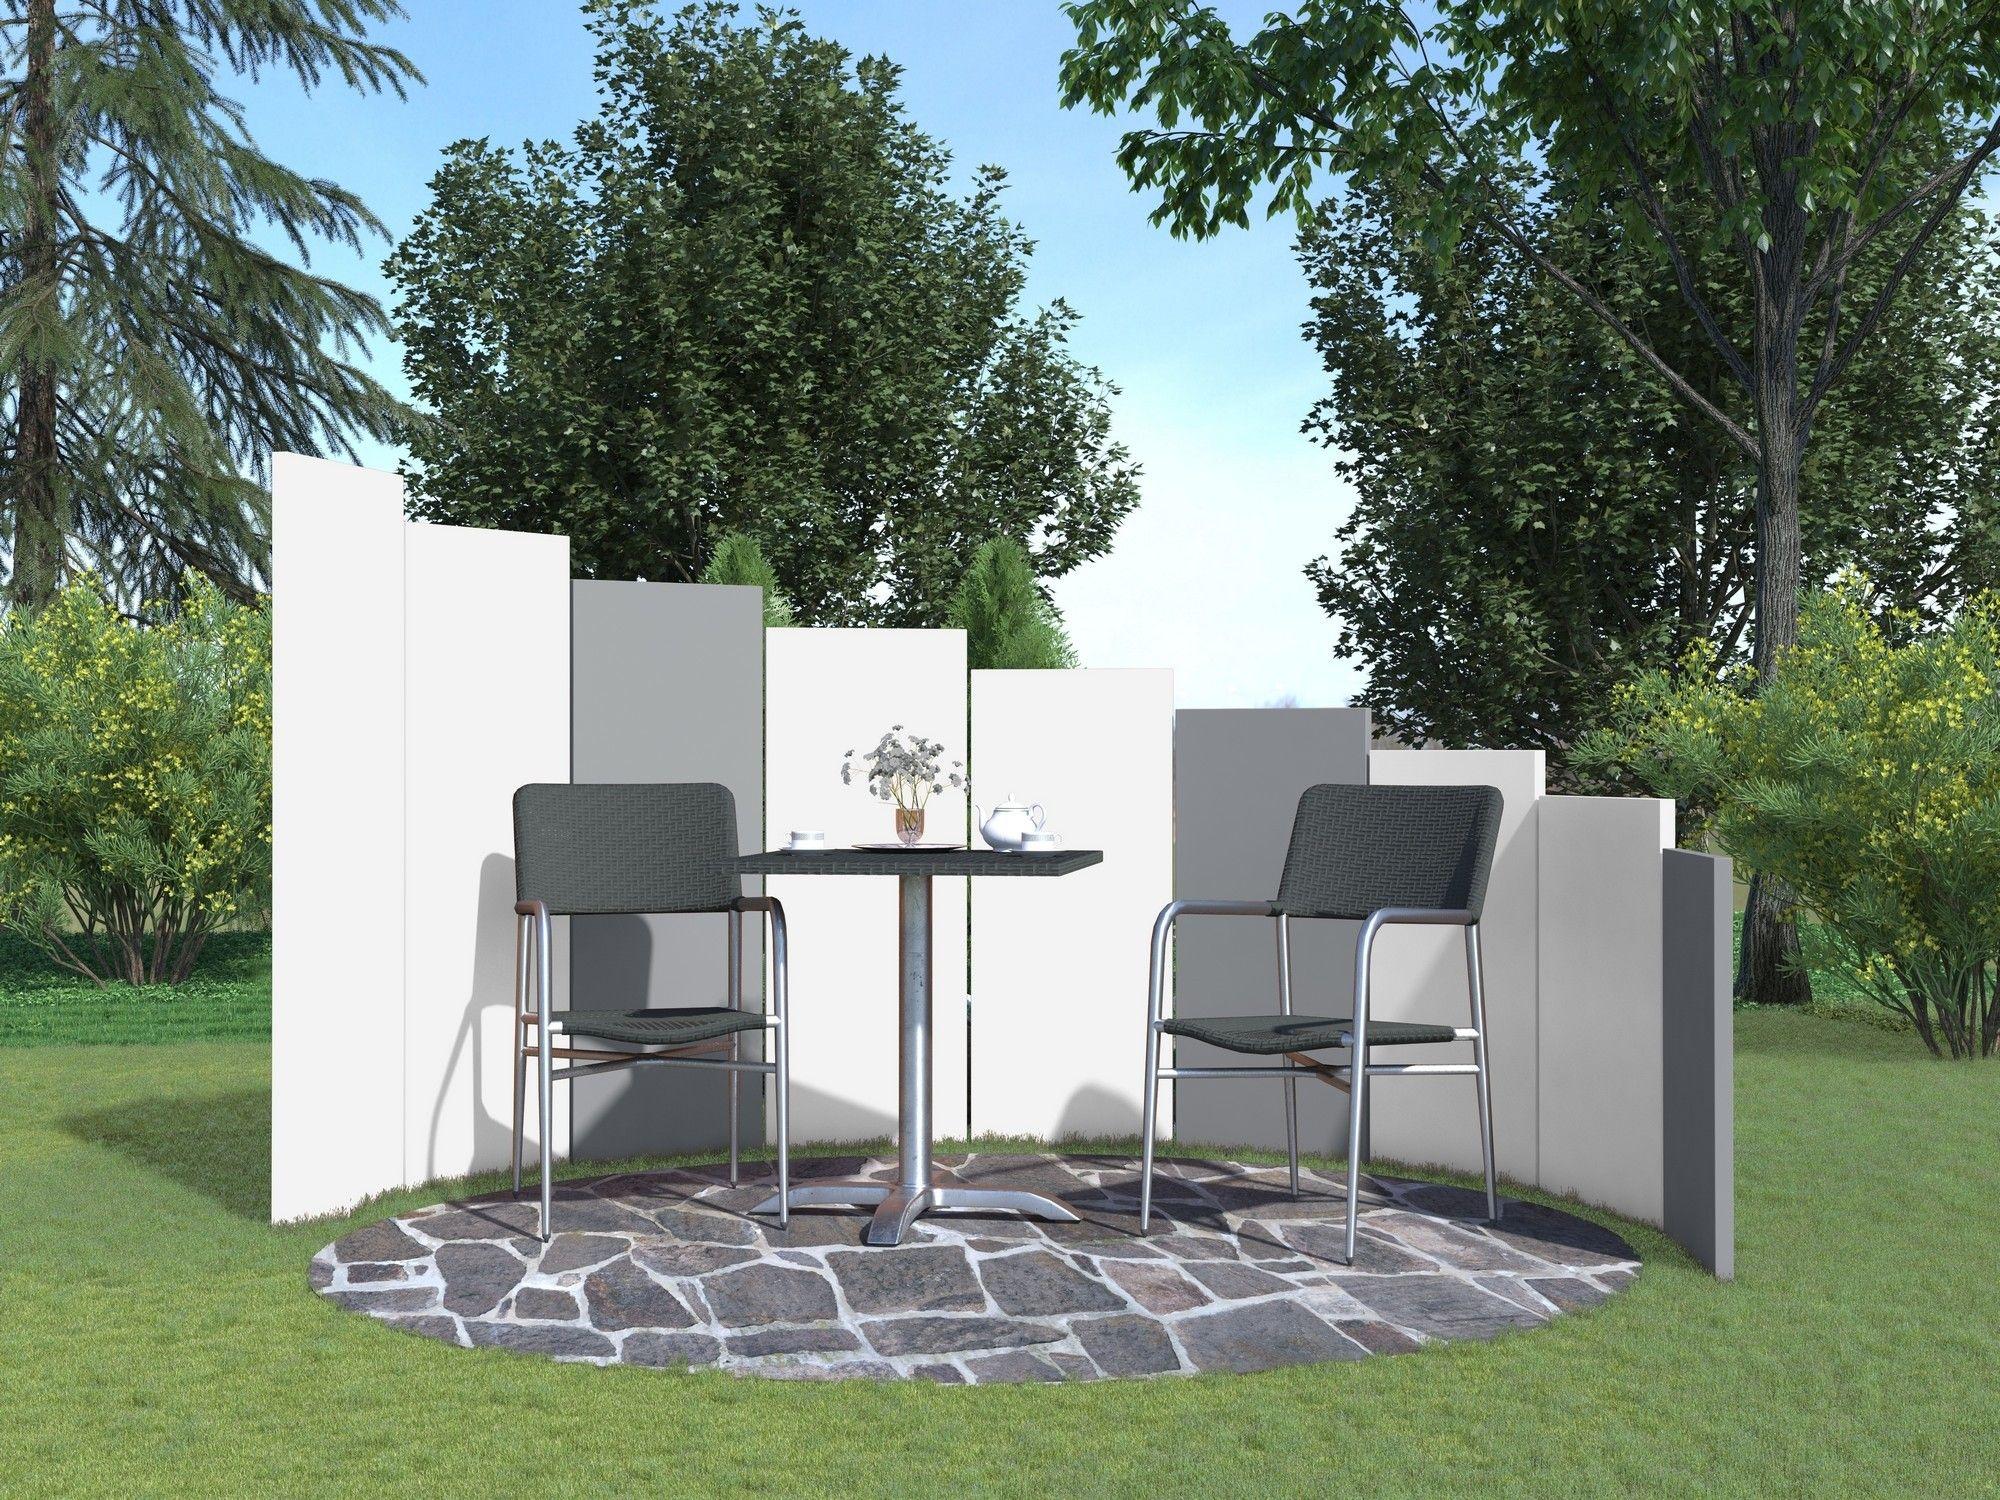 Kunststoff Designtafel Bayon Design Sichtschutz Sichtschutz In